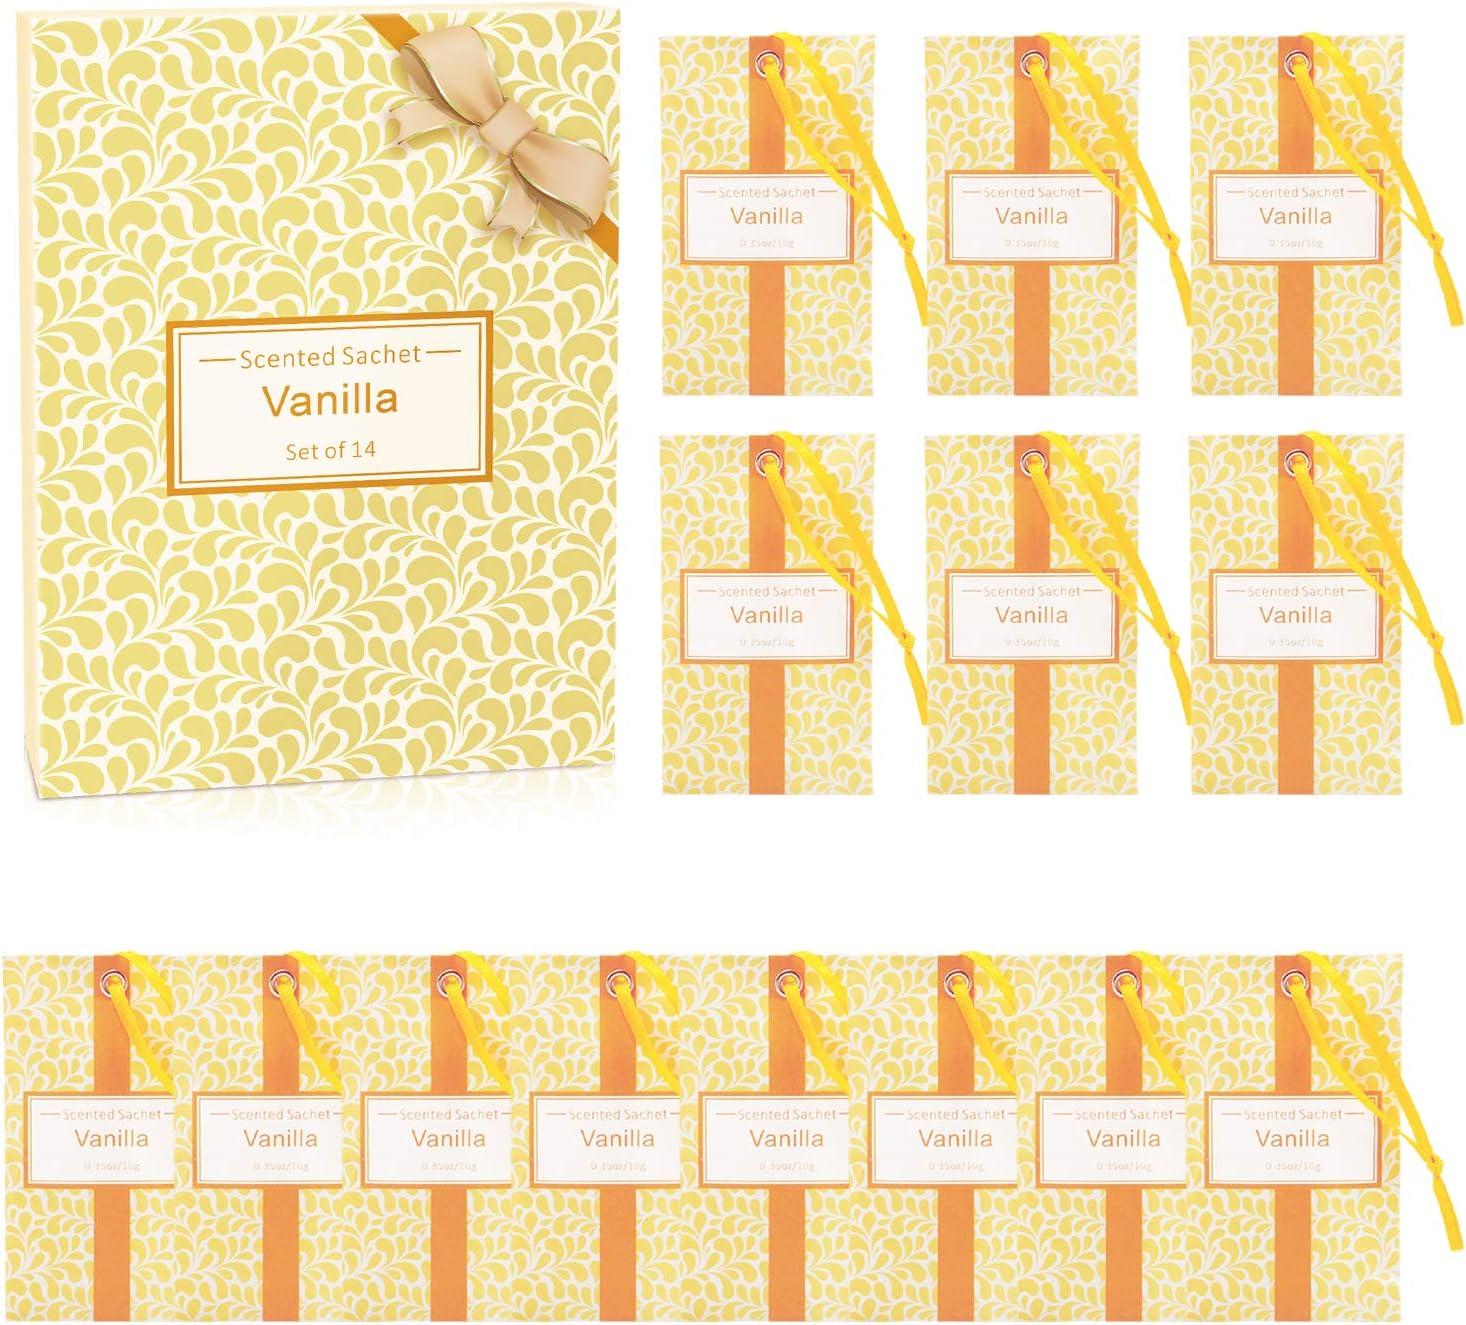 SCENTORINI Set de 14 Bolsita Perfumados de Vainilla sobre Aromántoco Deshumidificador y Ambientador para Cajones y Armarios, Ropa de Bebé, Zapatero, Maleta Regalos para Cumpleaños San Valentin: Amazon.es: Hogar